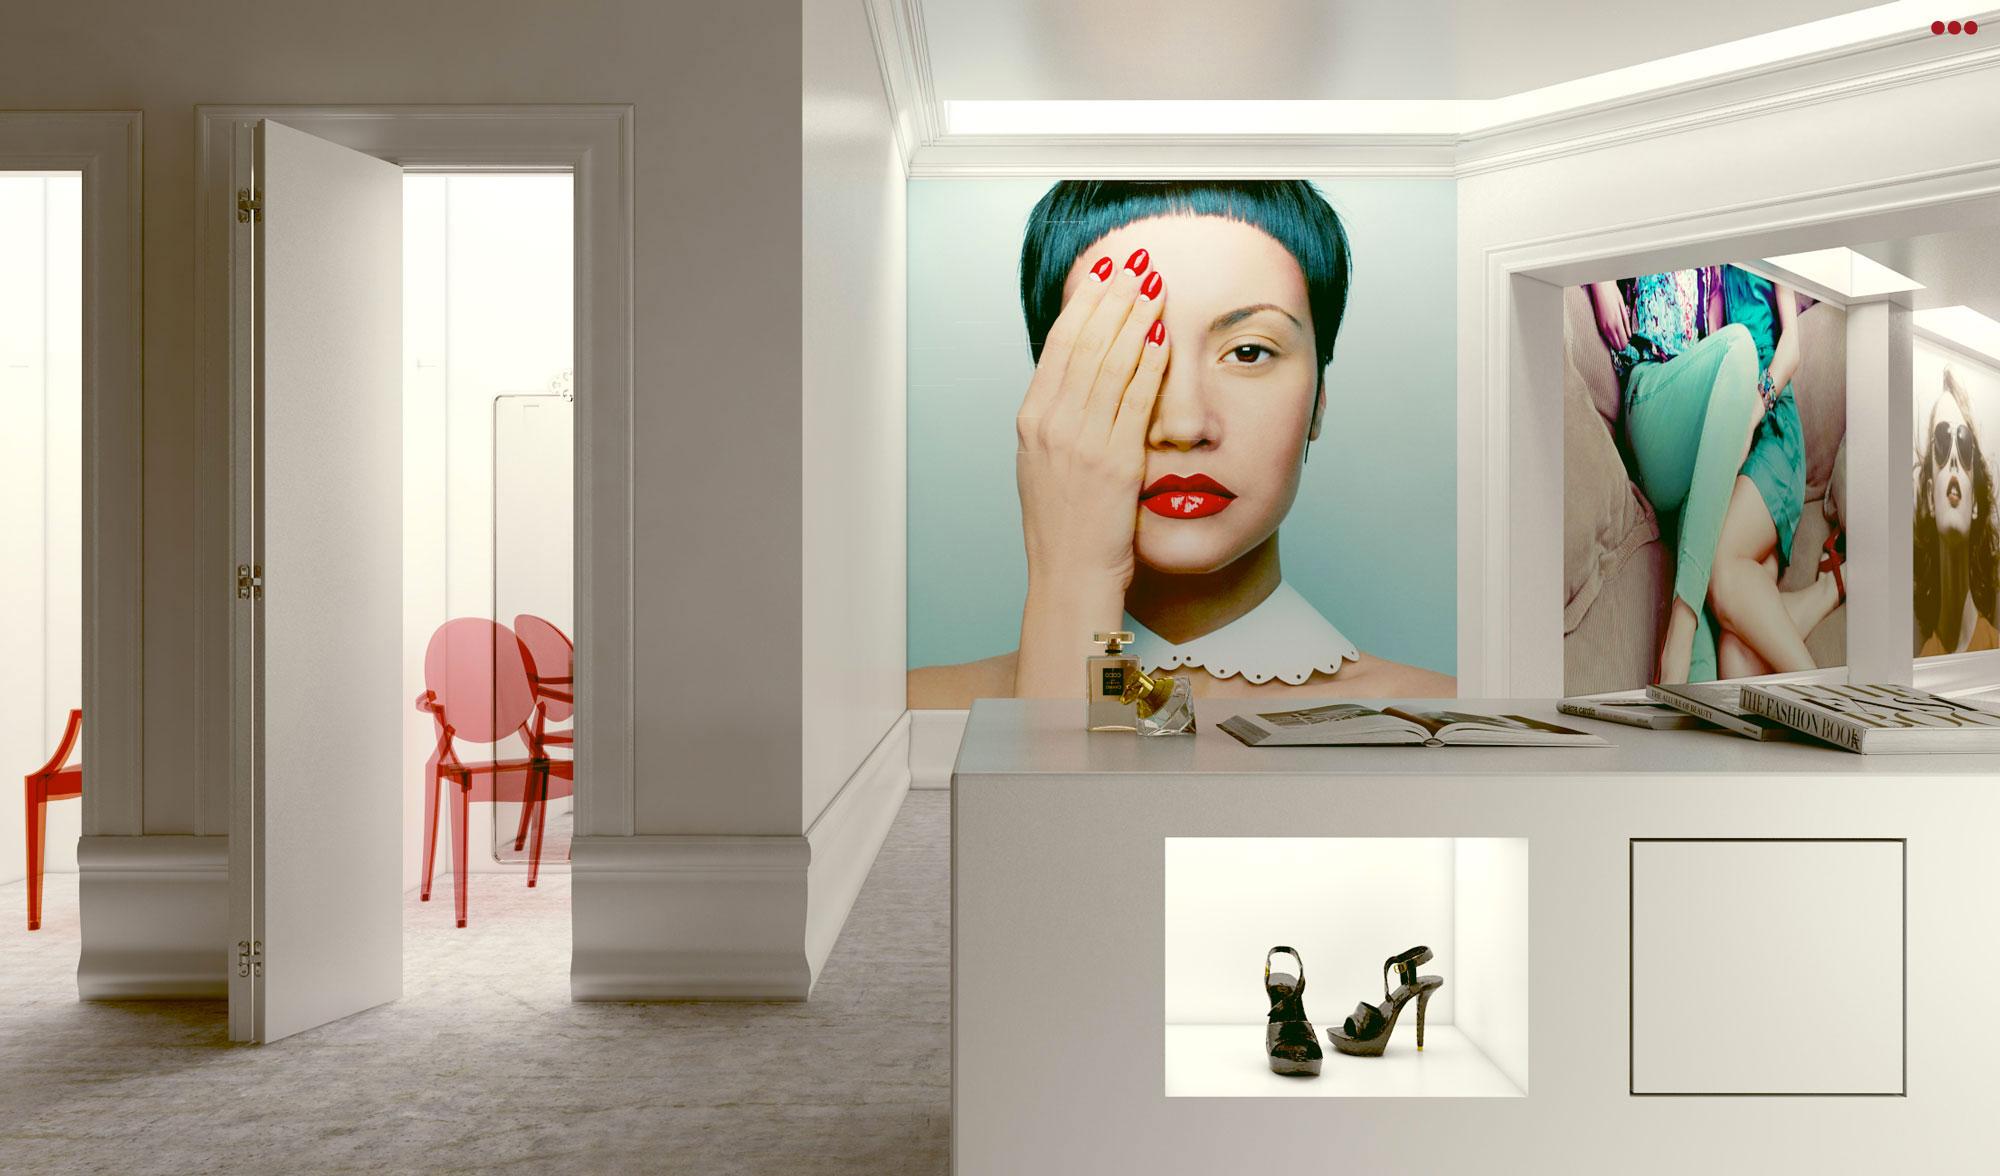 rendering progettazioine grafica 3d negozio contract moda design Rimini Pesaro Riccione 2